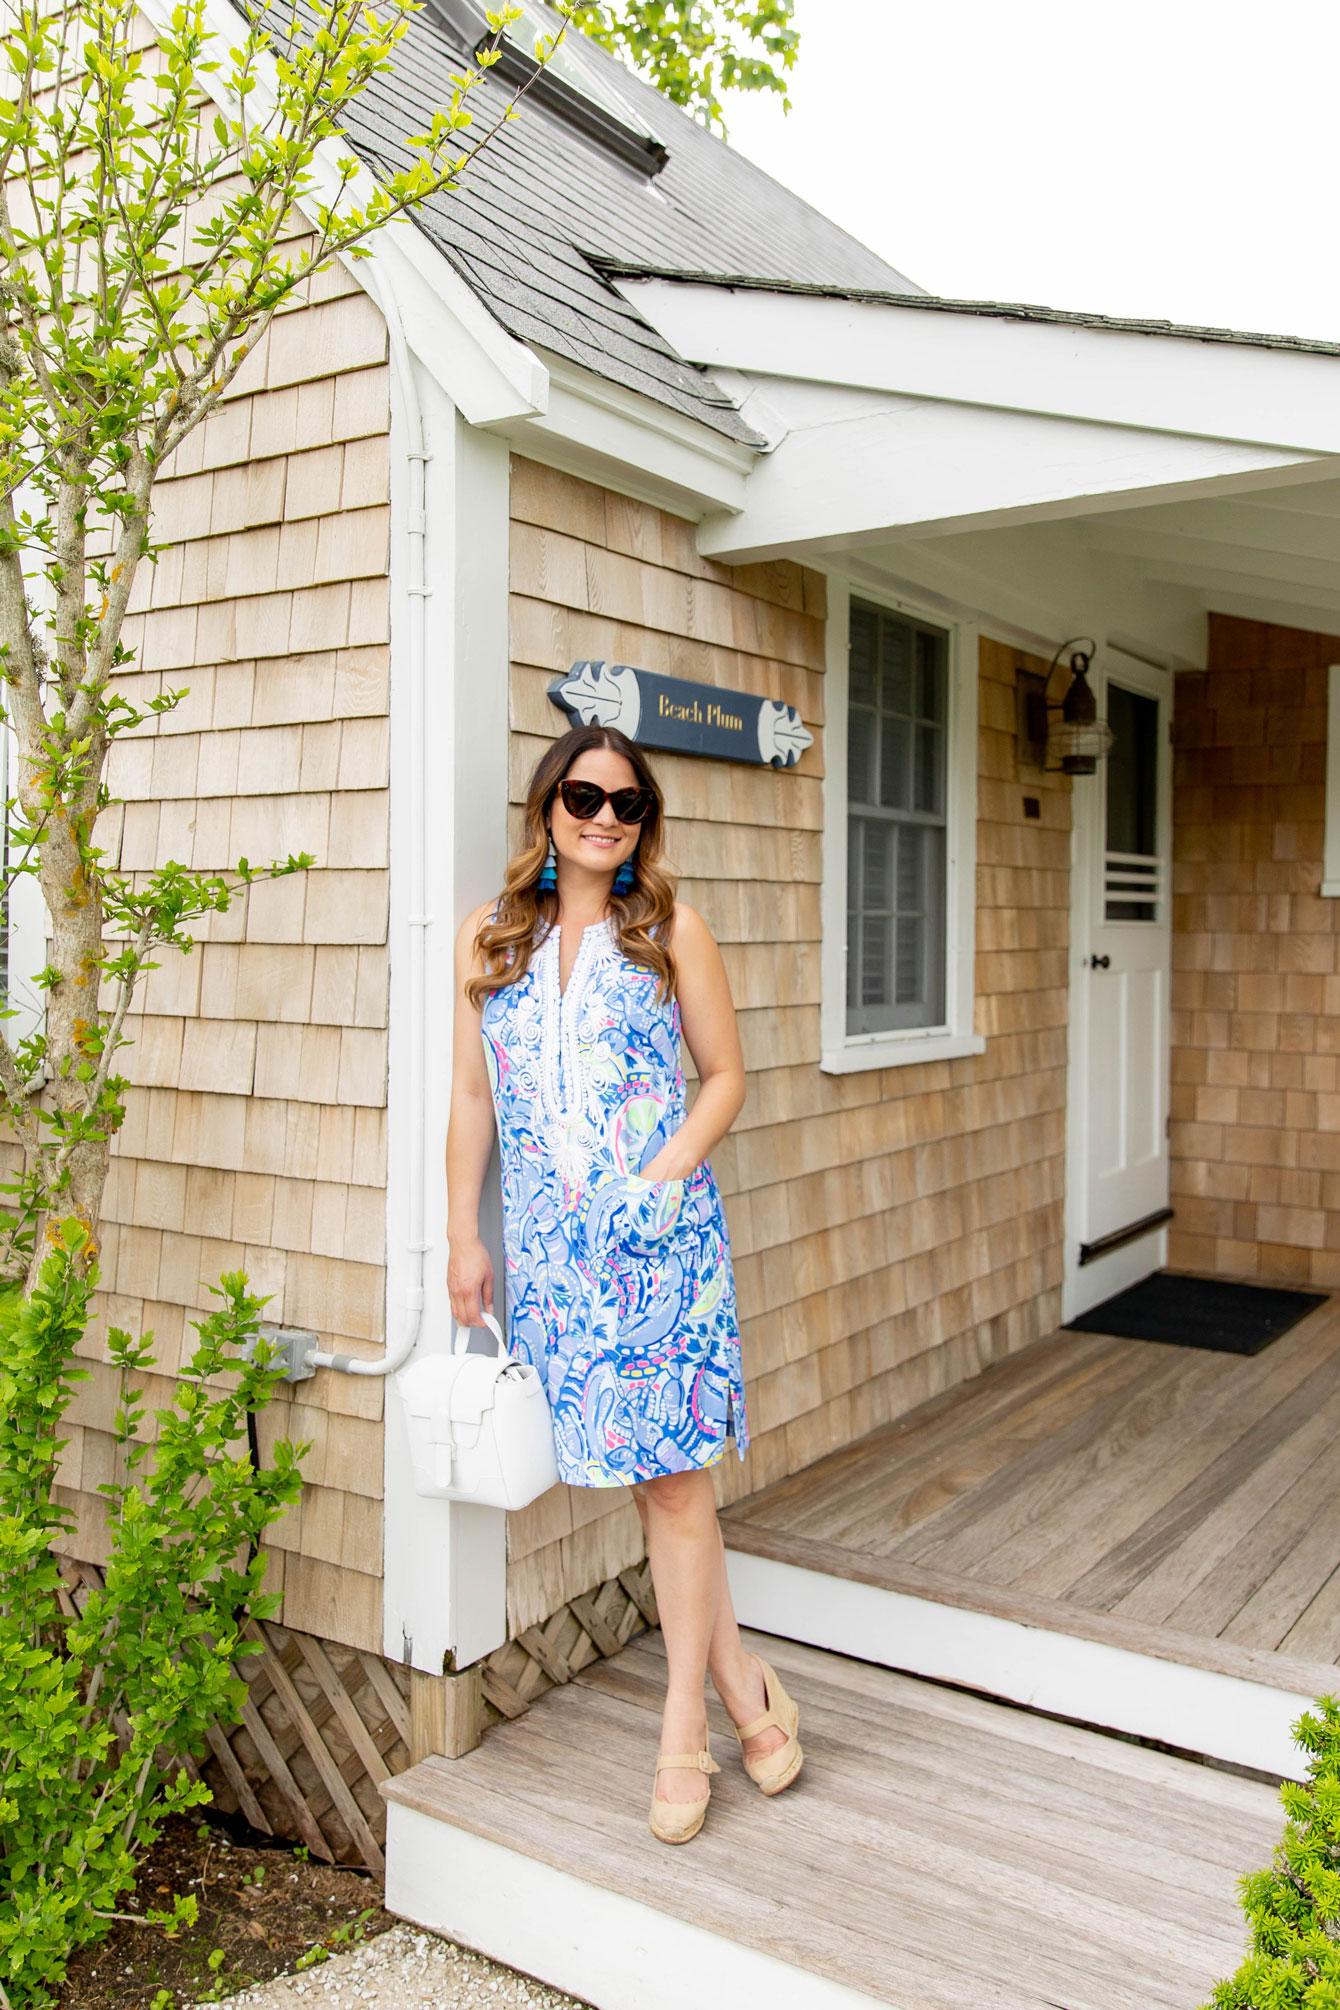 Jennifer Lake Lilly Pulitzer Shift Dress